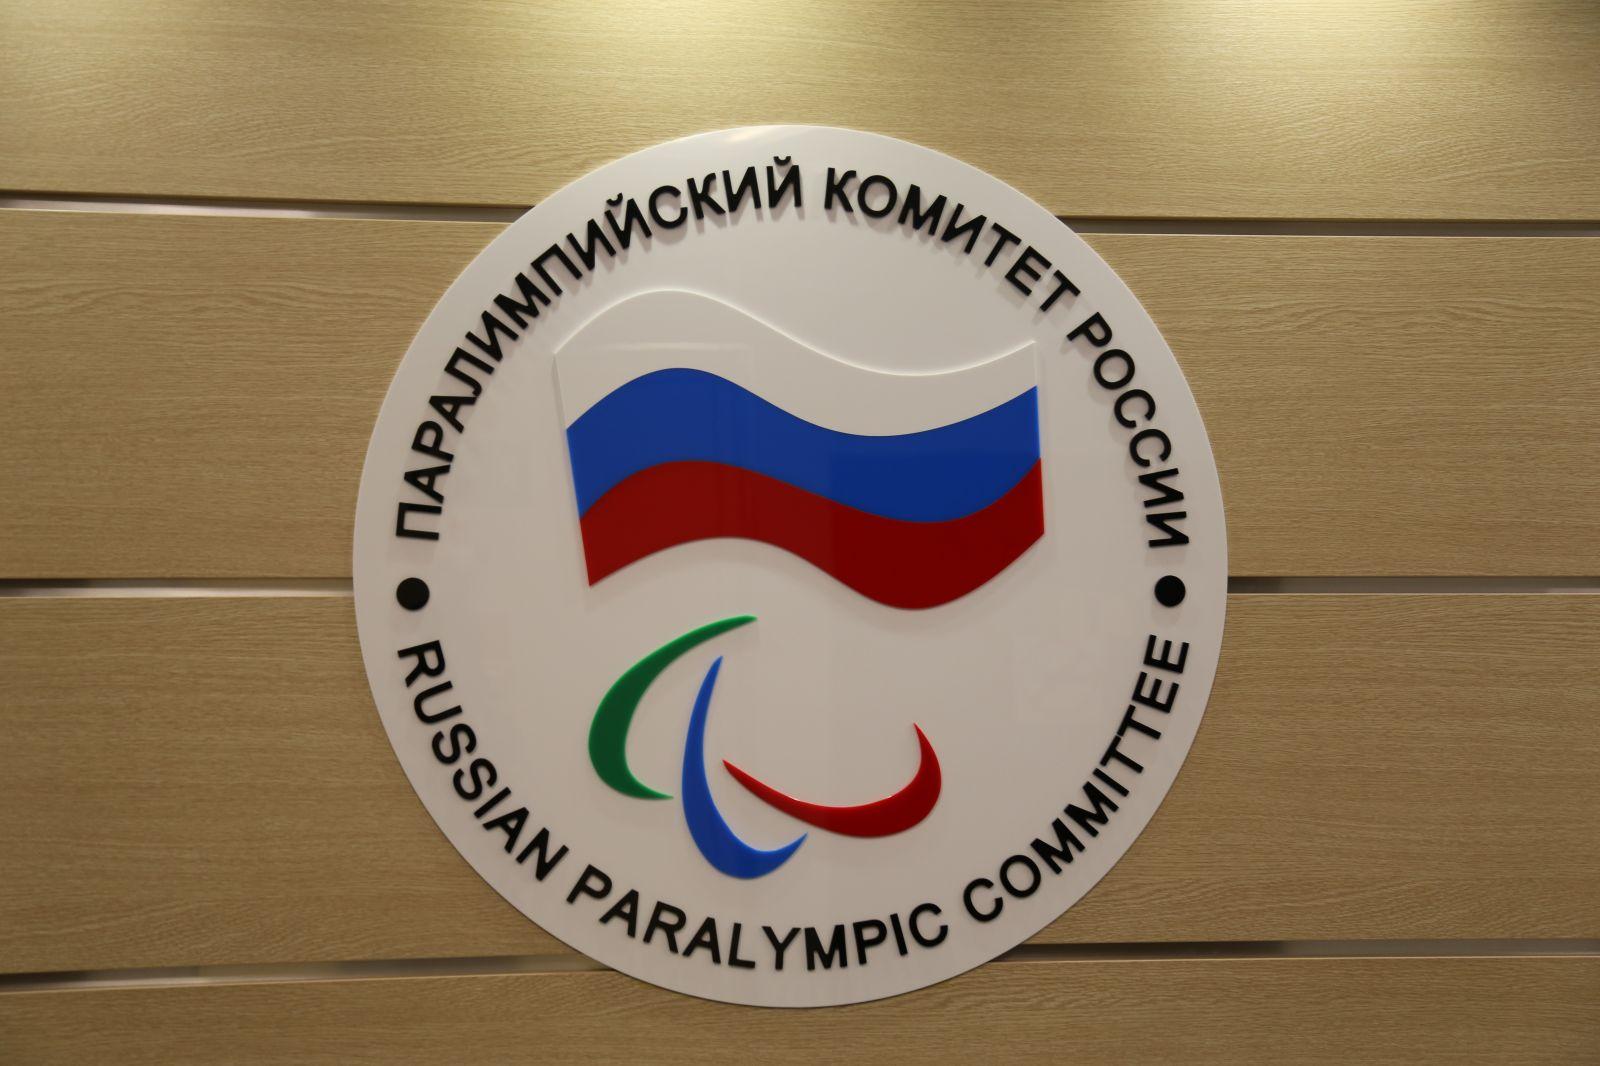 ТАСС: Паралимпийский комитет России сделал первые выплаты в МПК